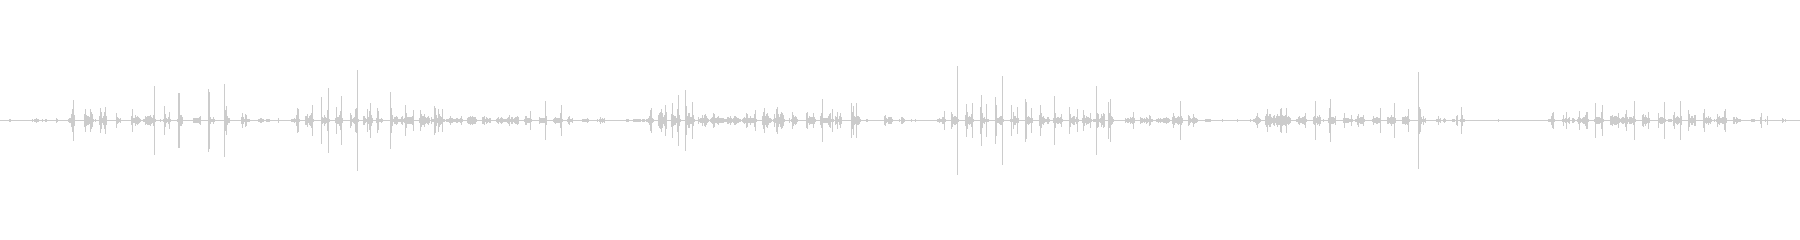 紙 トランプシャッフル02の未再生の波形